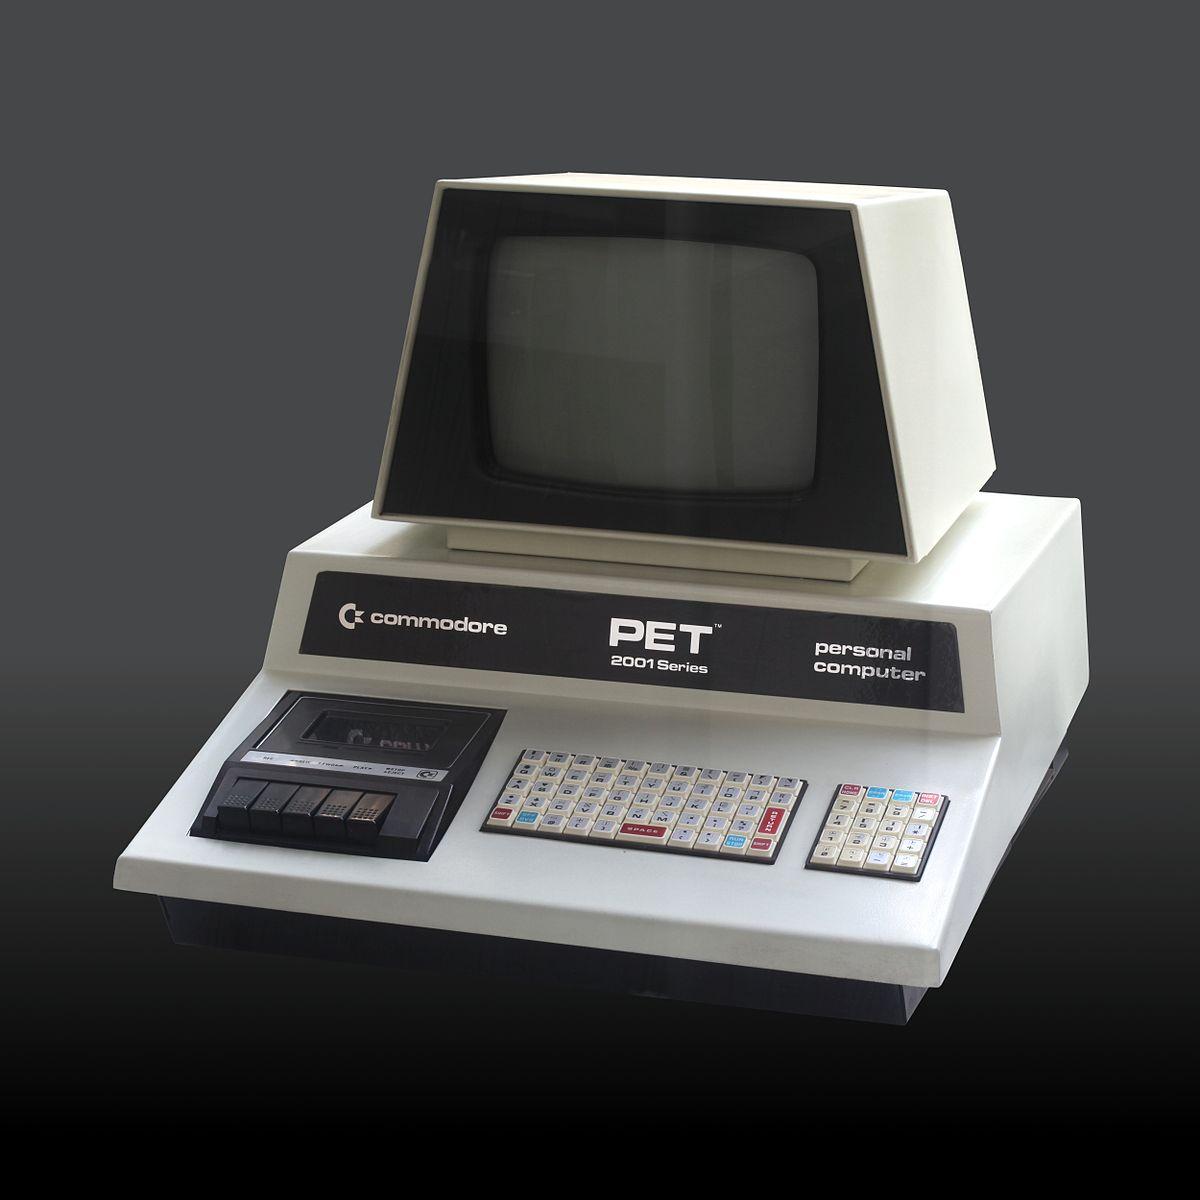 Посмотрите на эти ужасные клавиатуры 70-х и 80-х [Перевод]. - Изображение 3